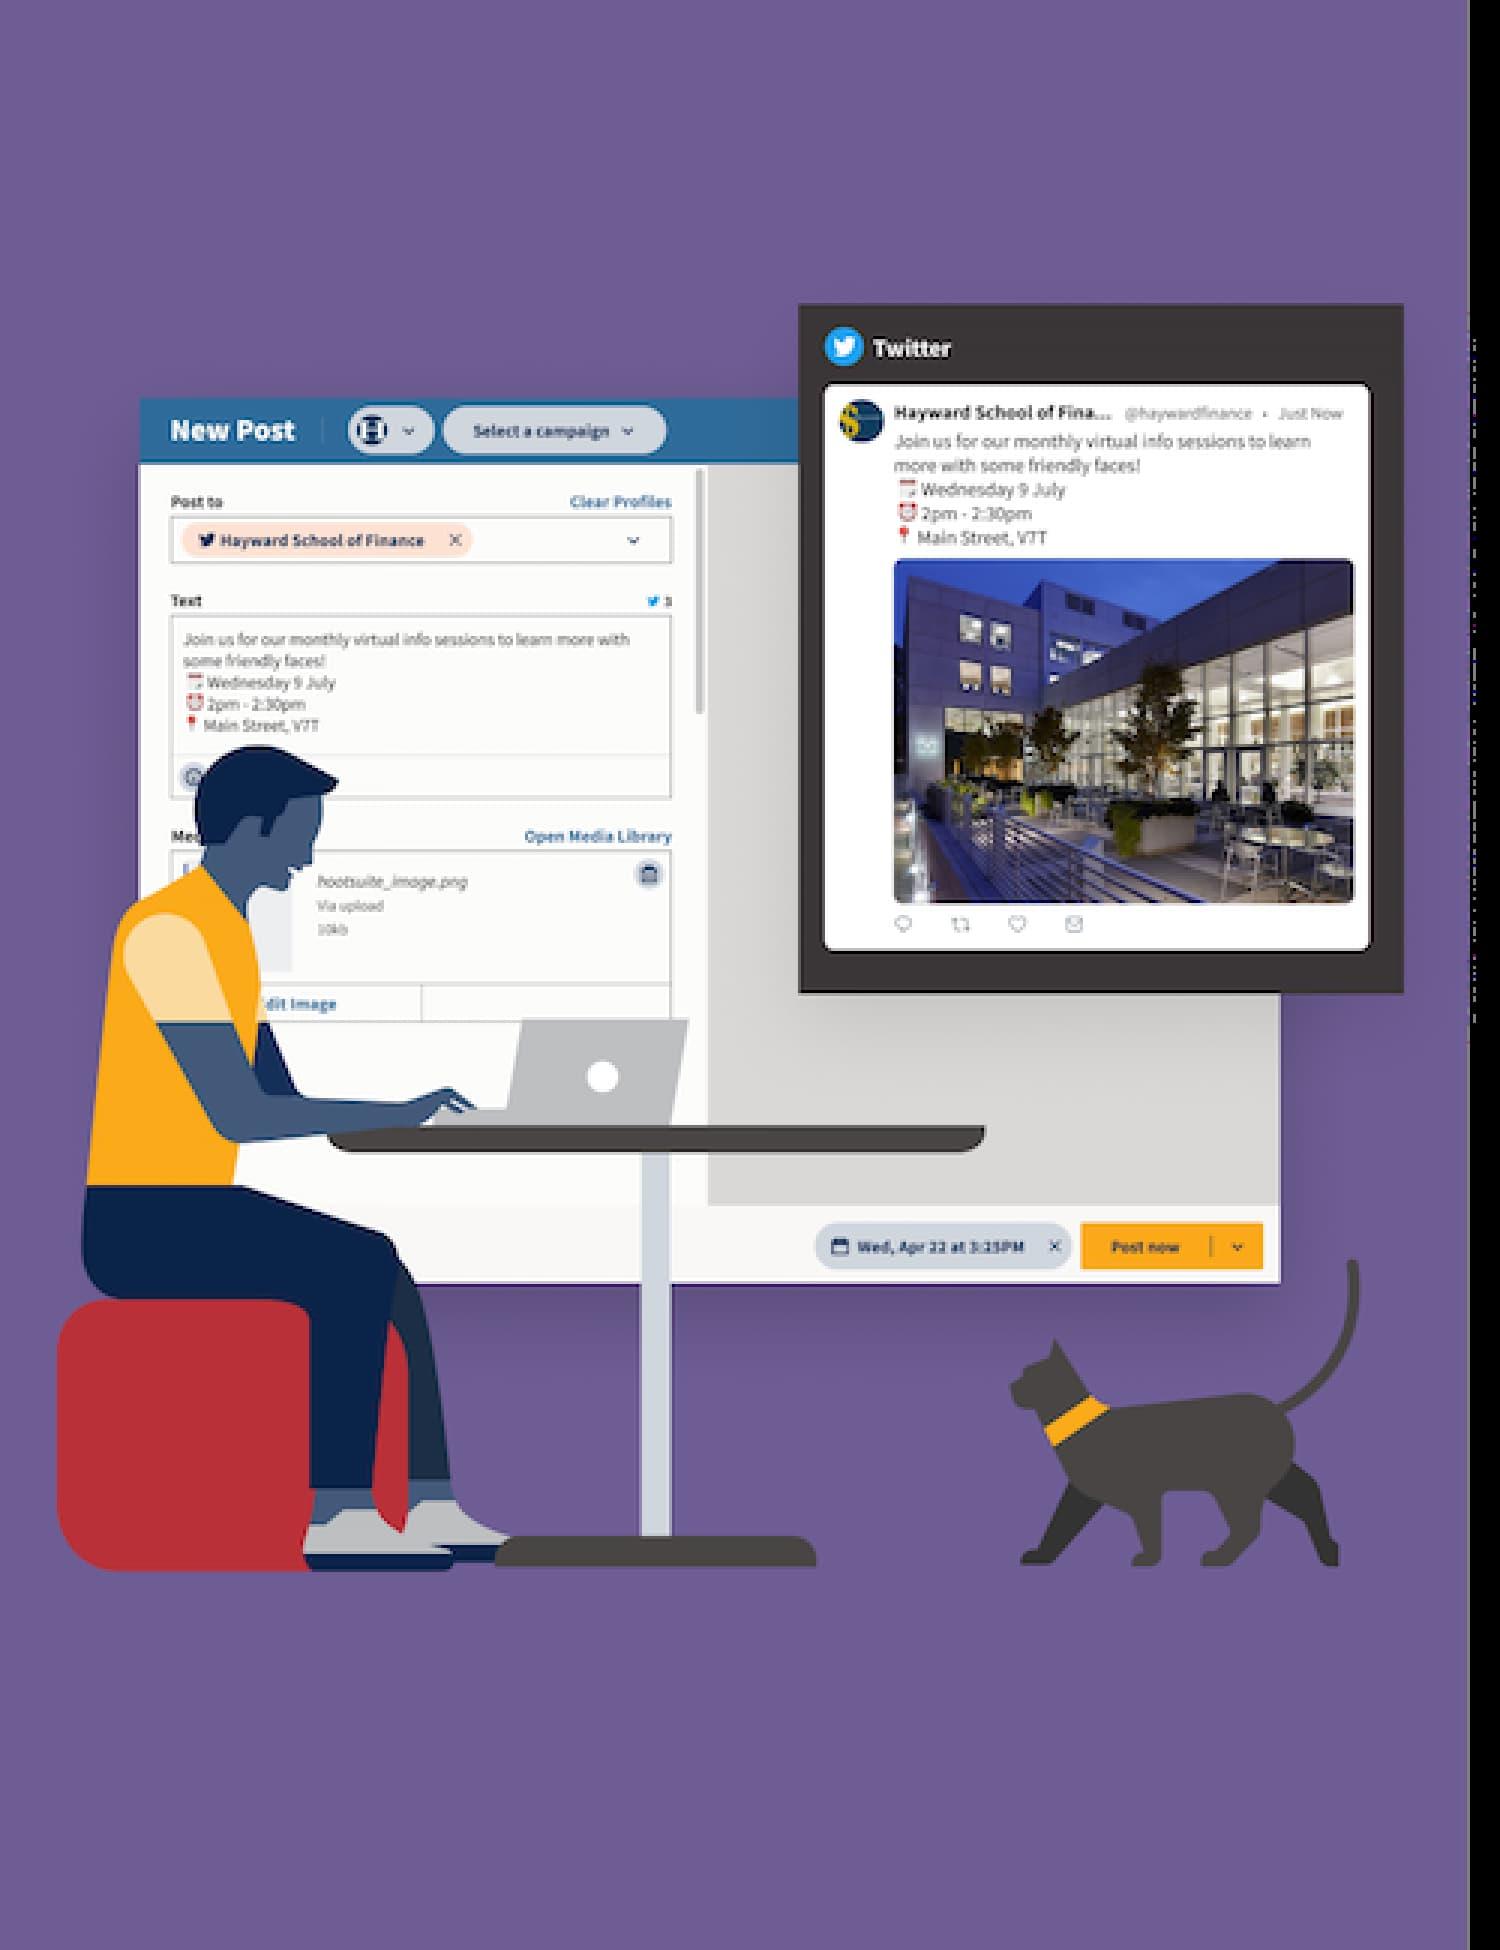 Gestor de redes sociales, Hootsuite